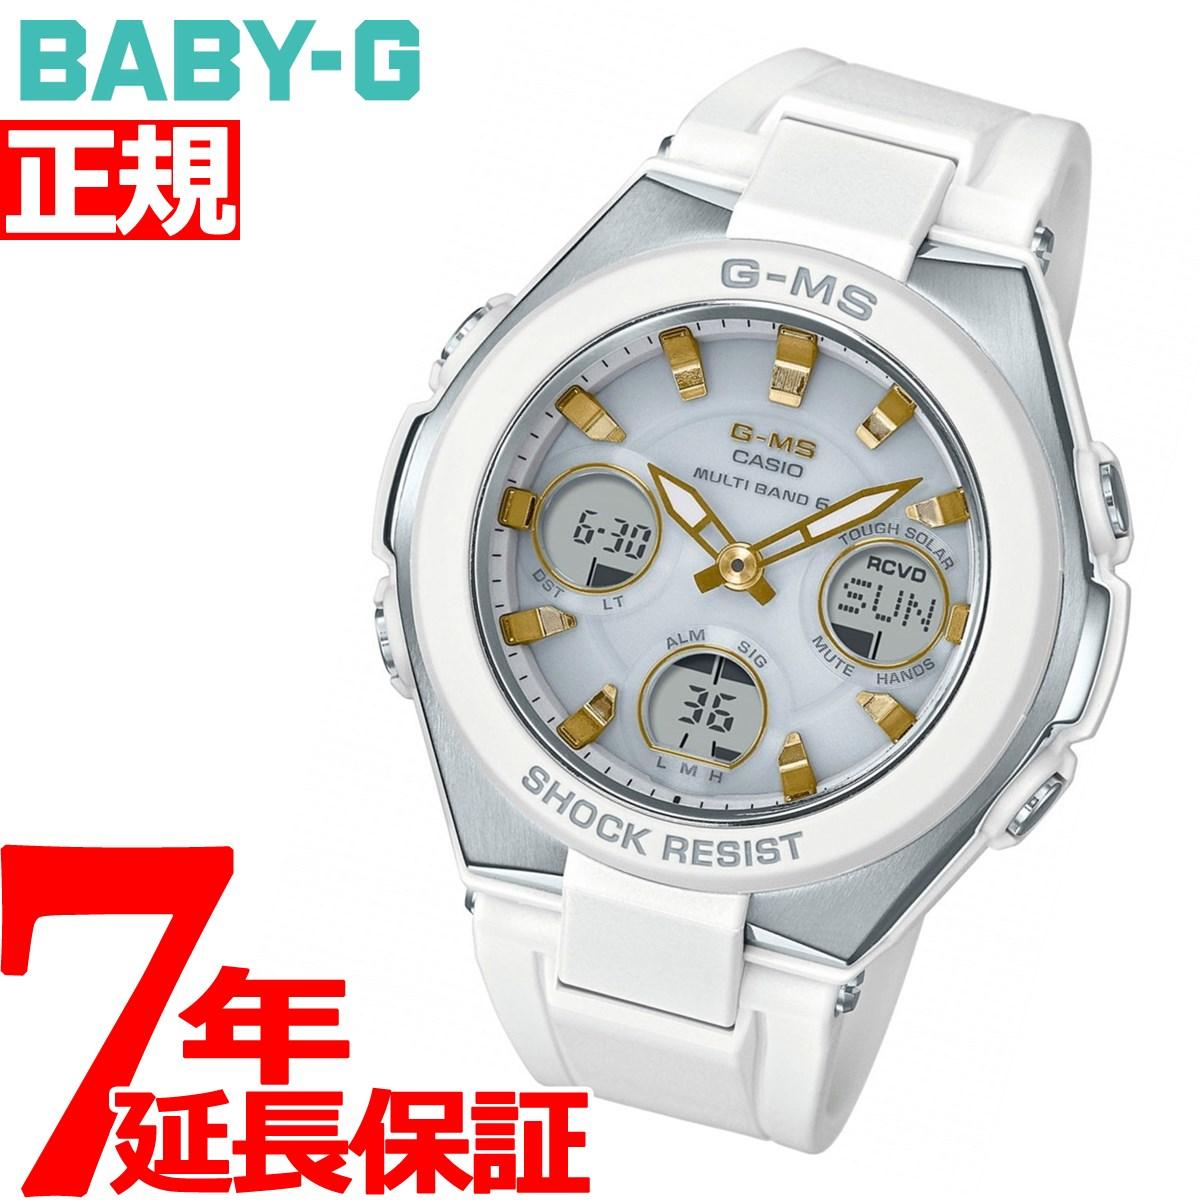 カシオ ベビーG CASIO BABY-G G-MS 電波 ソーラー 電波時計 腕時計 レディース タフソーラー MSG-W100-7A2JF【2017 新作】